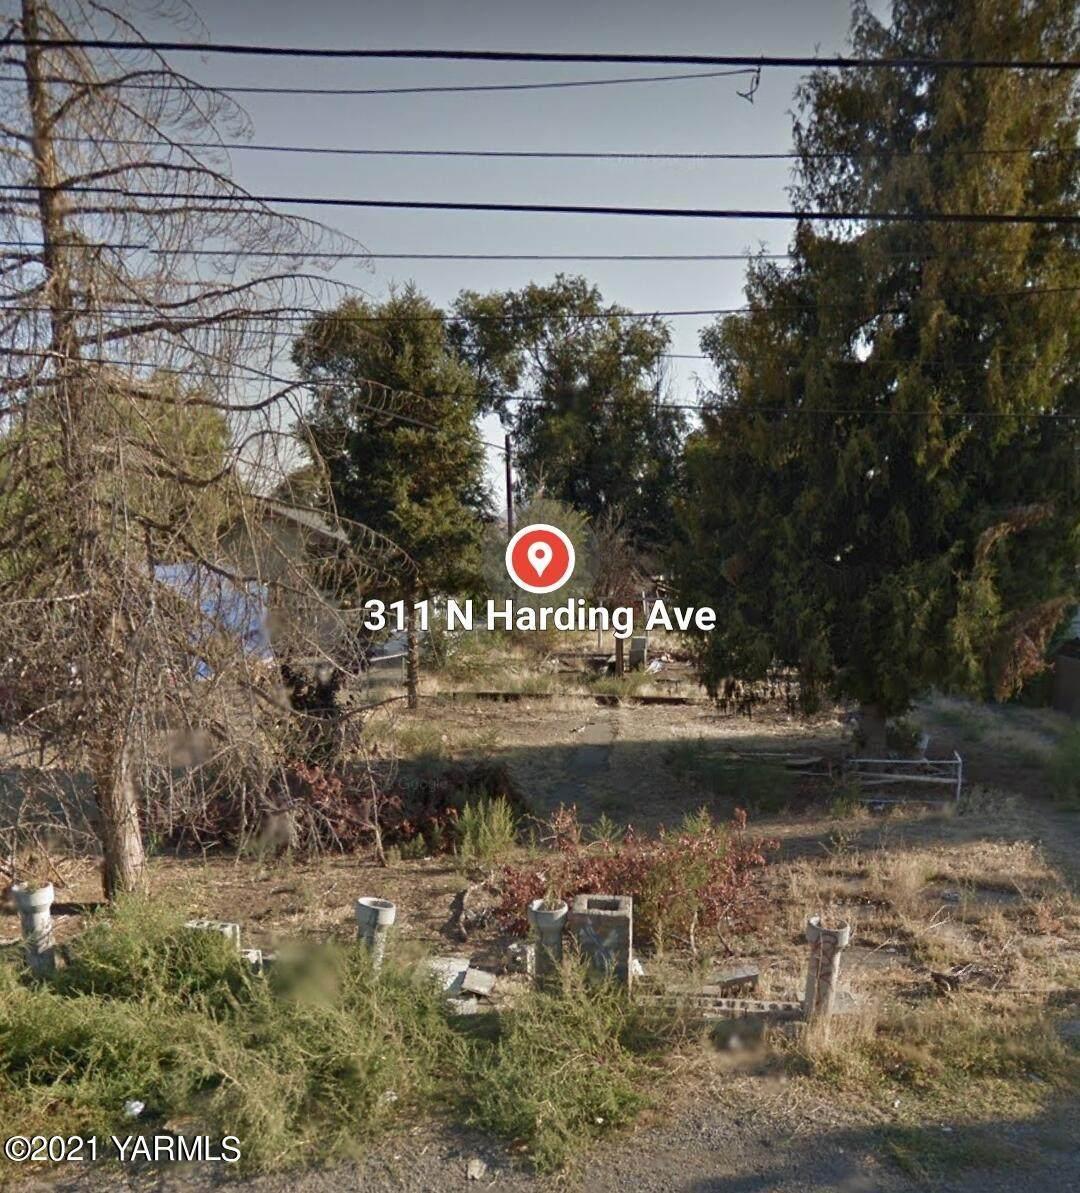 311 Harding Ave - Photo 1